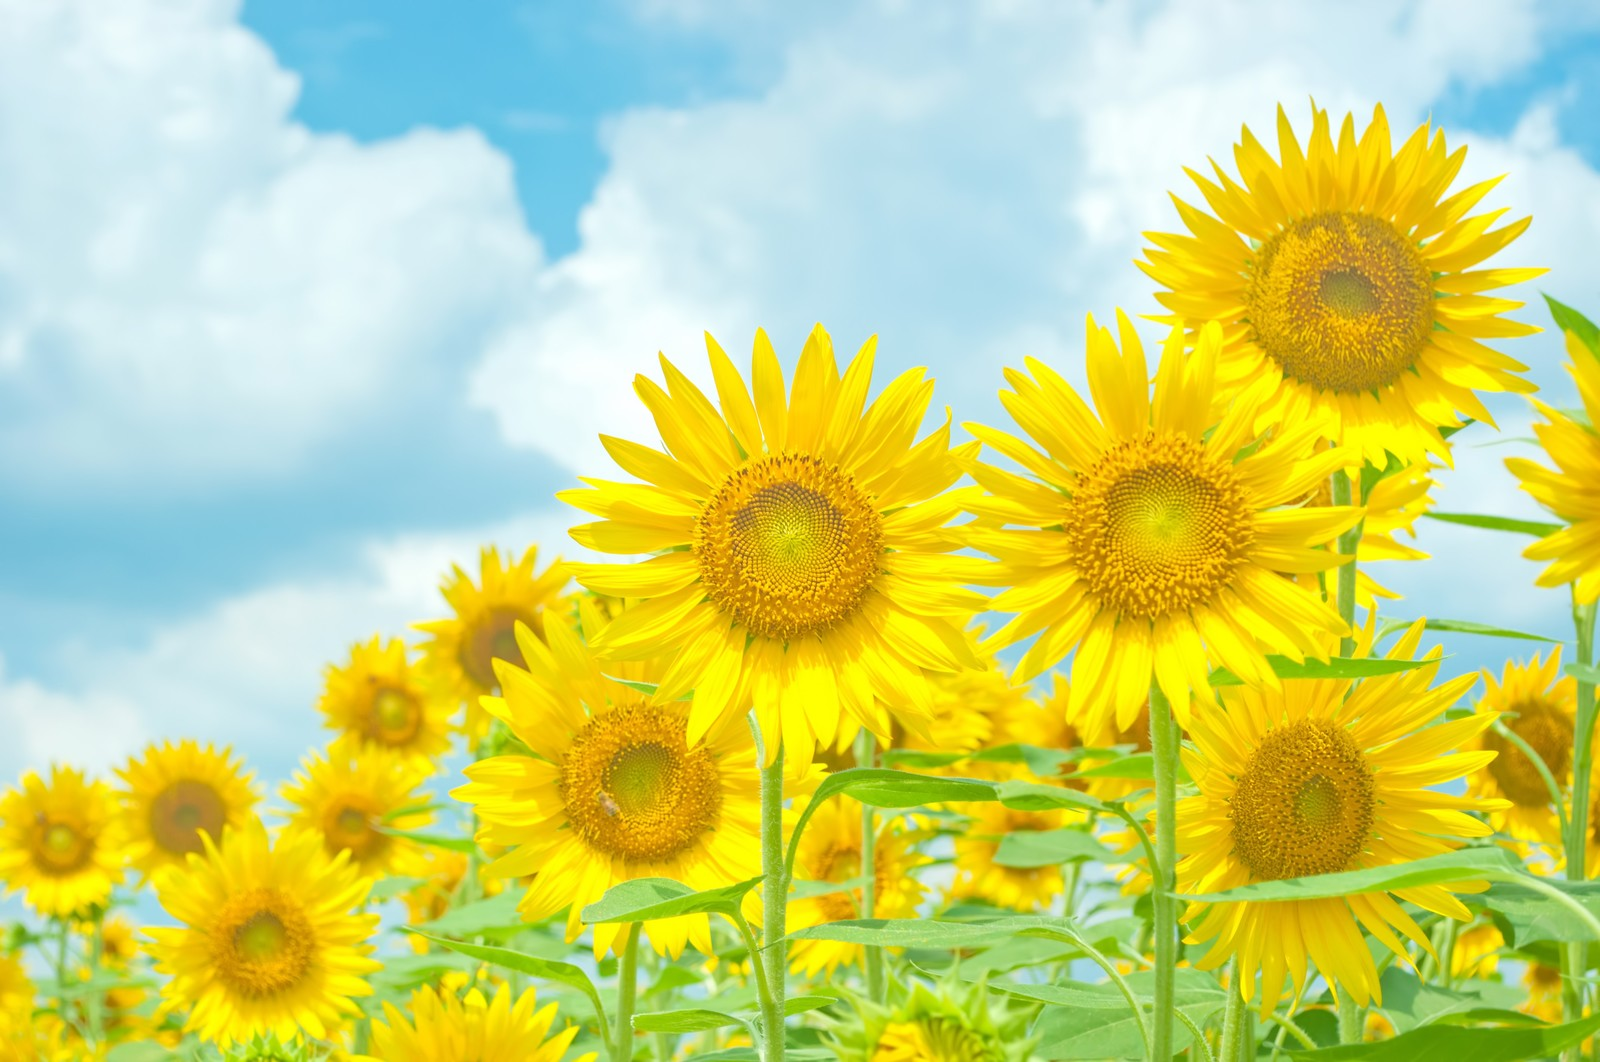 「青空と黄色い向日葵」の写真